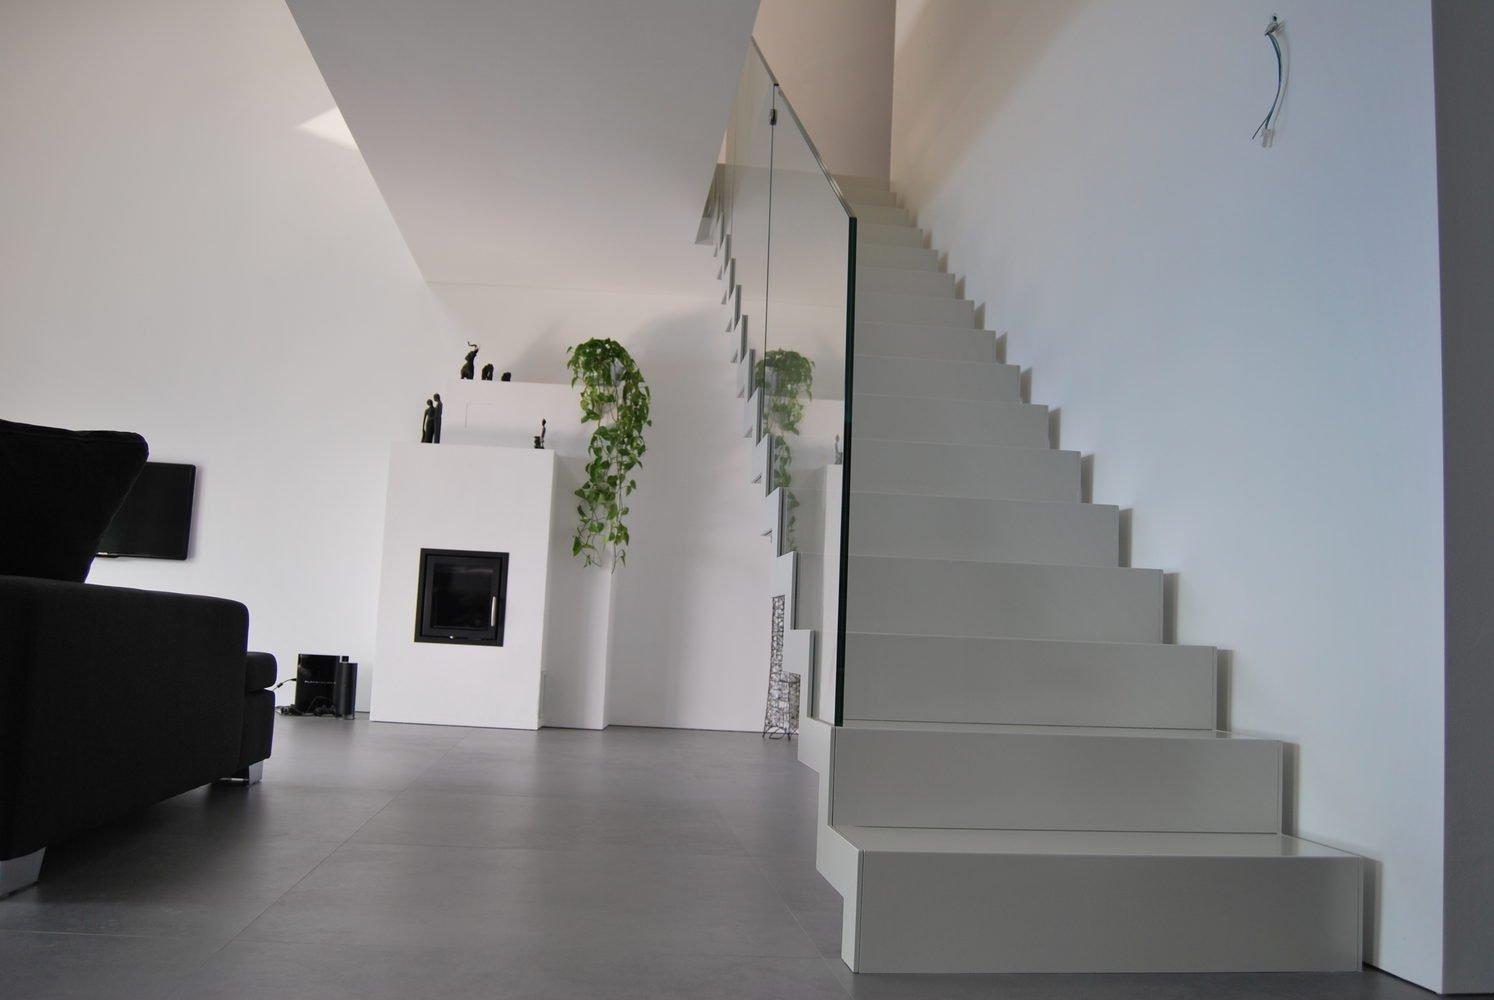 Dettaglio gradini bianchi con balaustra in vetro- scala scatolata bianca